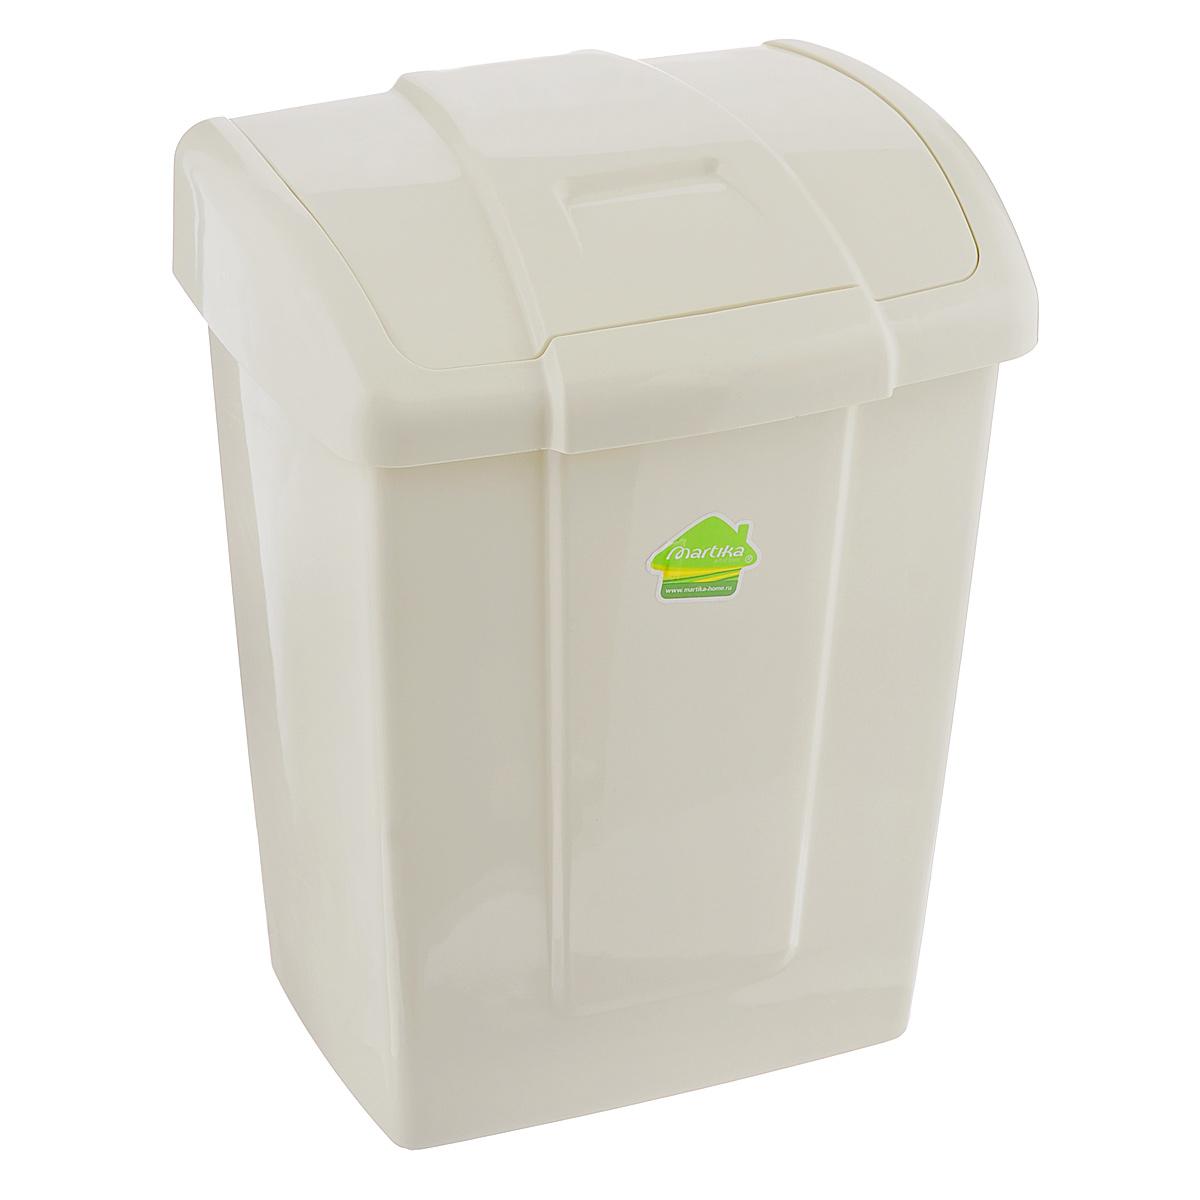 Контейнер для мусора Martika Форте, цвет: светло-бежевый, 9 лRG-D31SКонтейнер для мусора Martika Форте изготовлен из прочного полипропилена (пластика). Такой аксессуар очень удобен в использовании как дома, так и в офисе. Контейнер снабжен удобной поворачивающейся крышкой. Стильный дизайн сделает его прекрасным украшением интерьера.